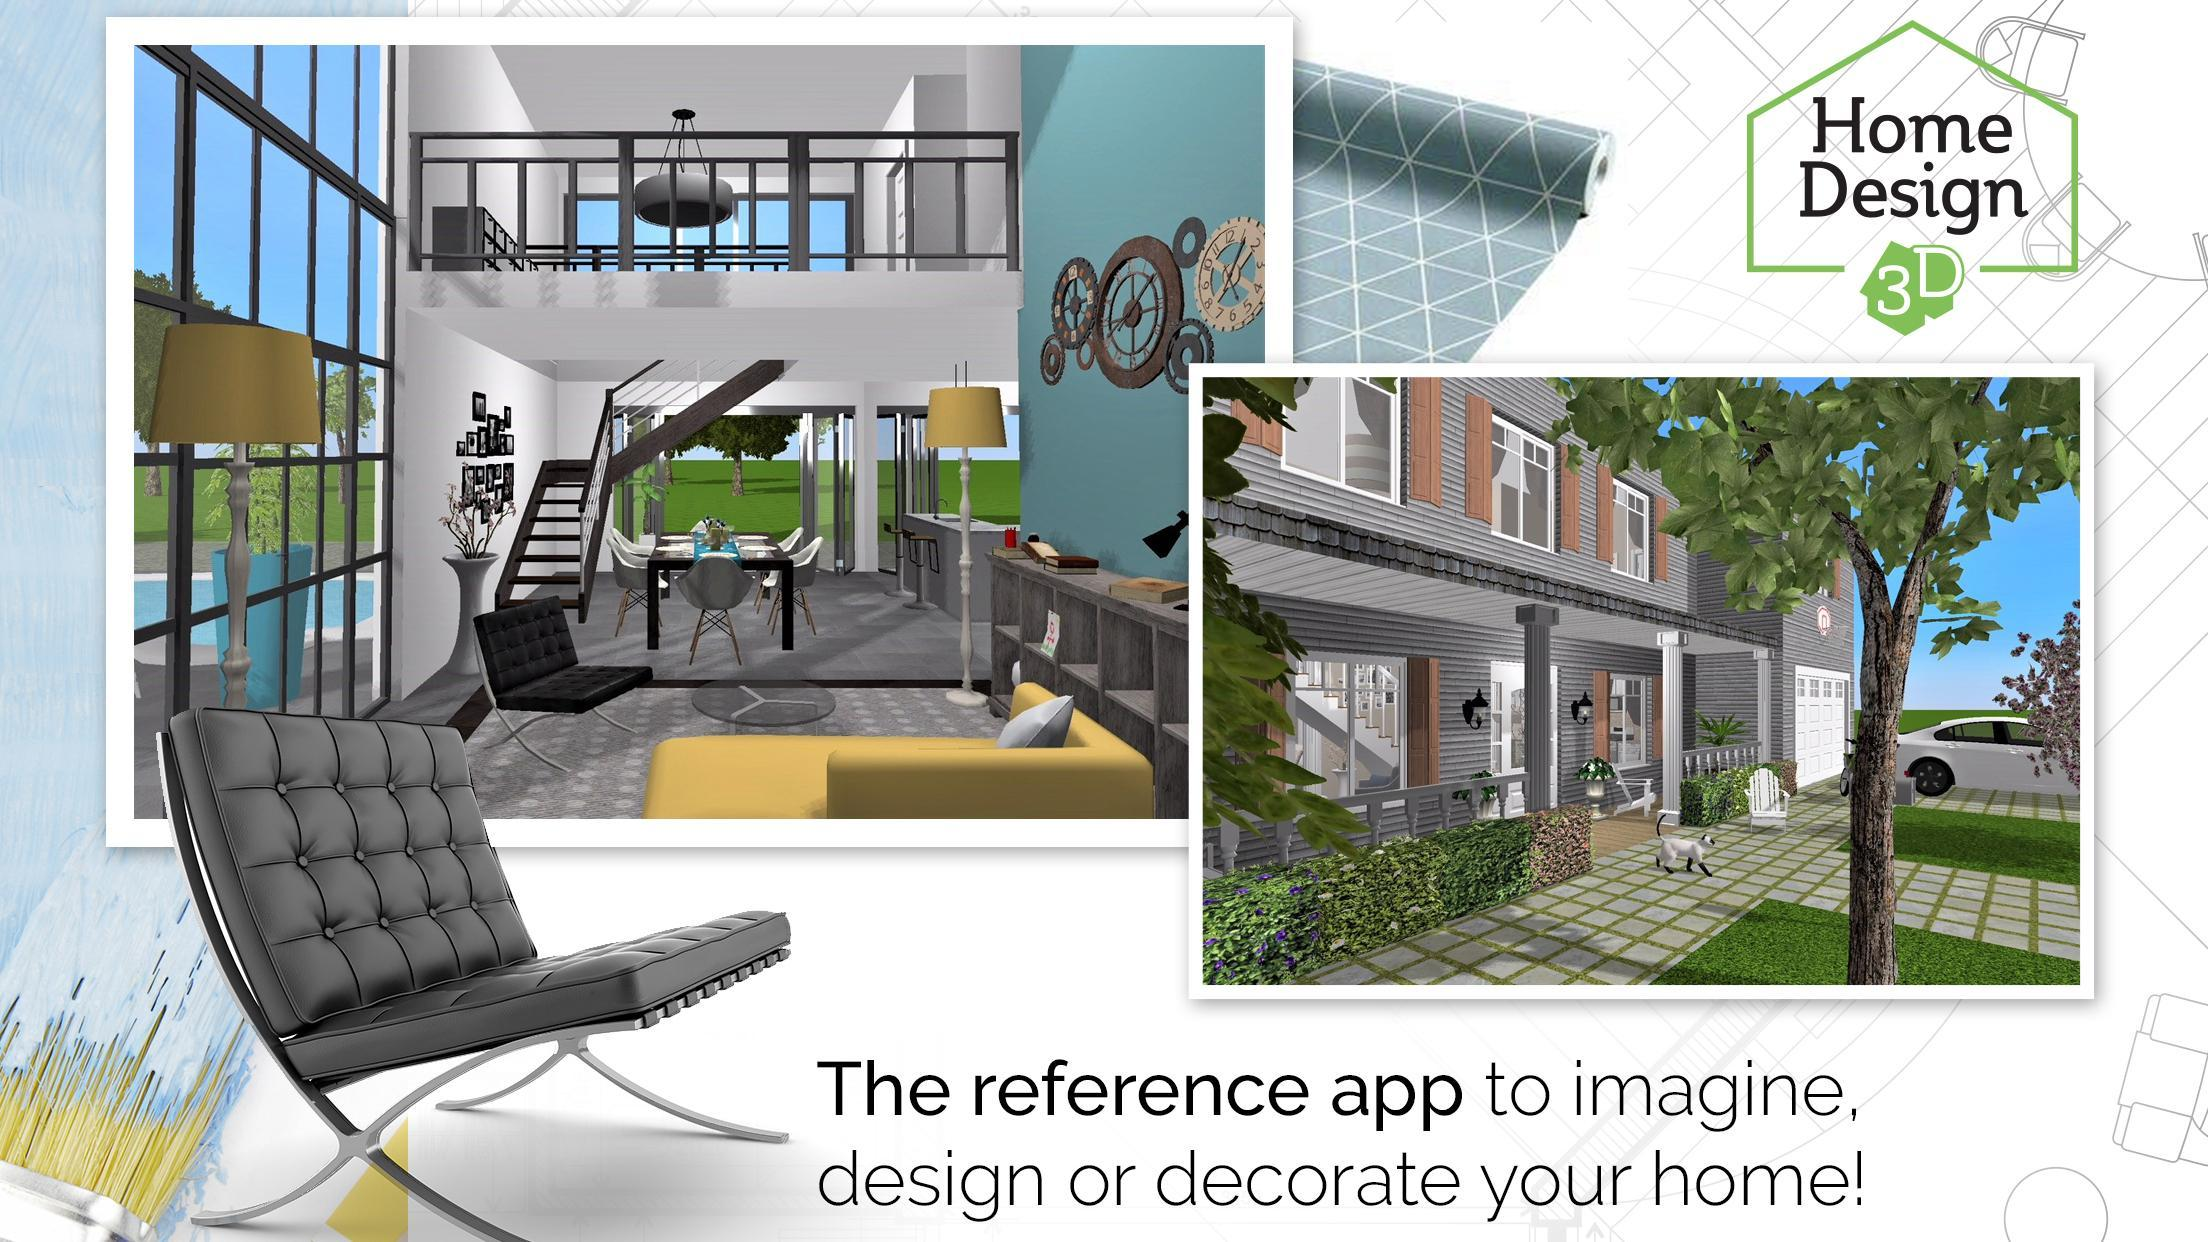 Image result for Home Design 3D app